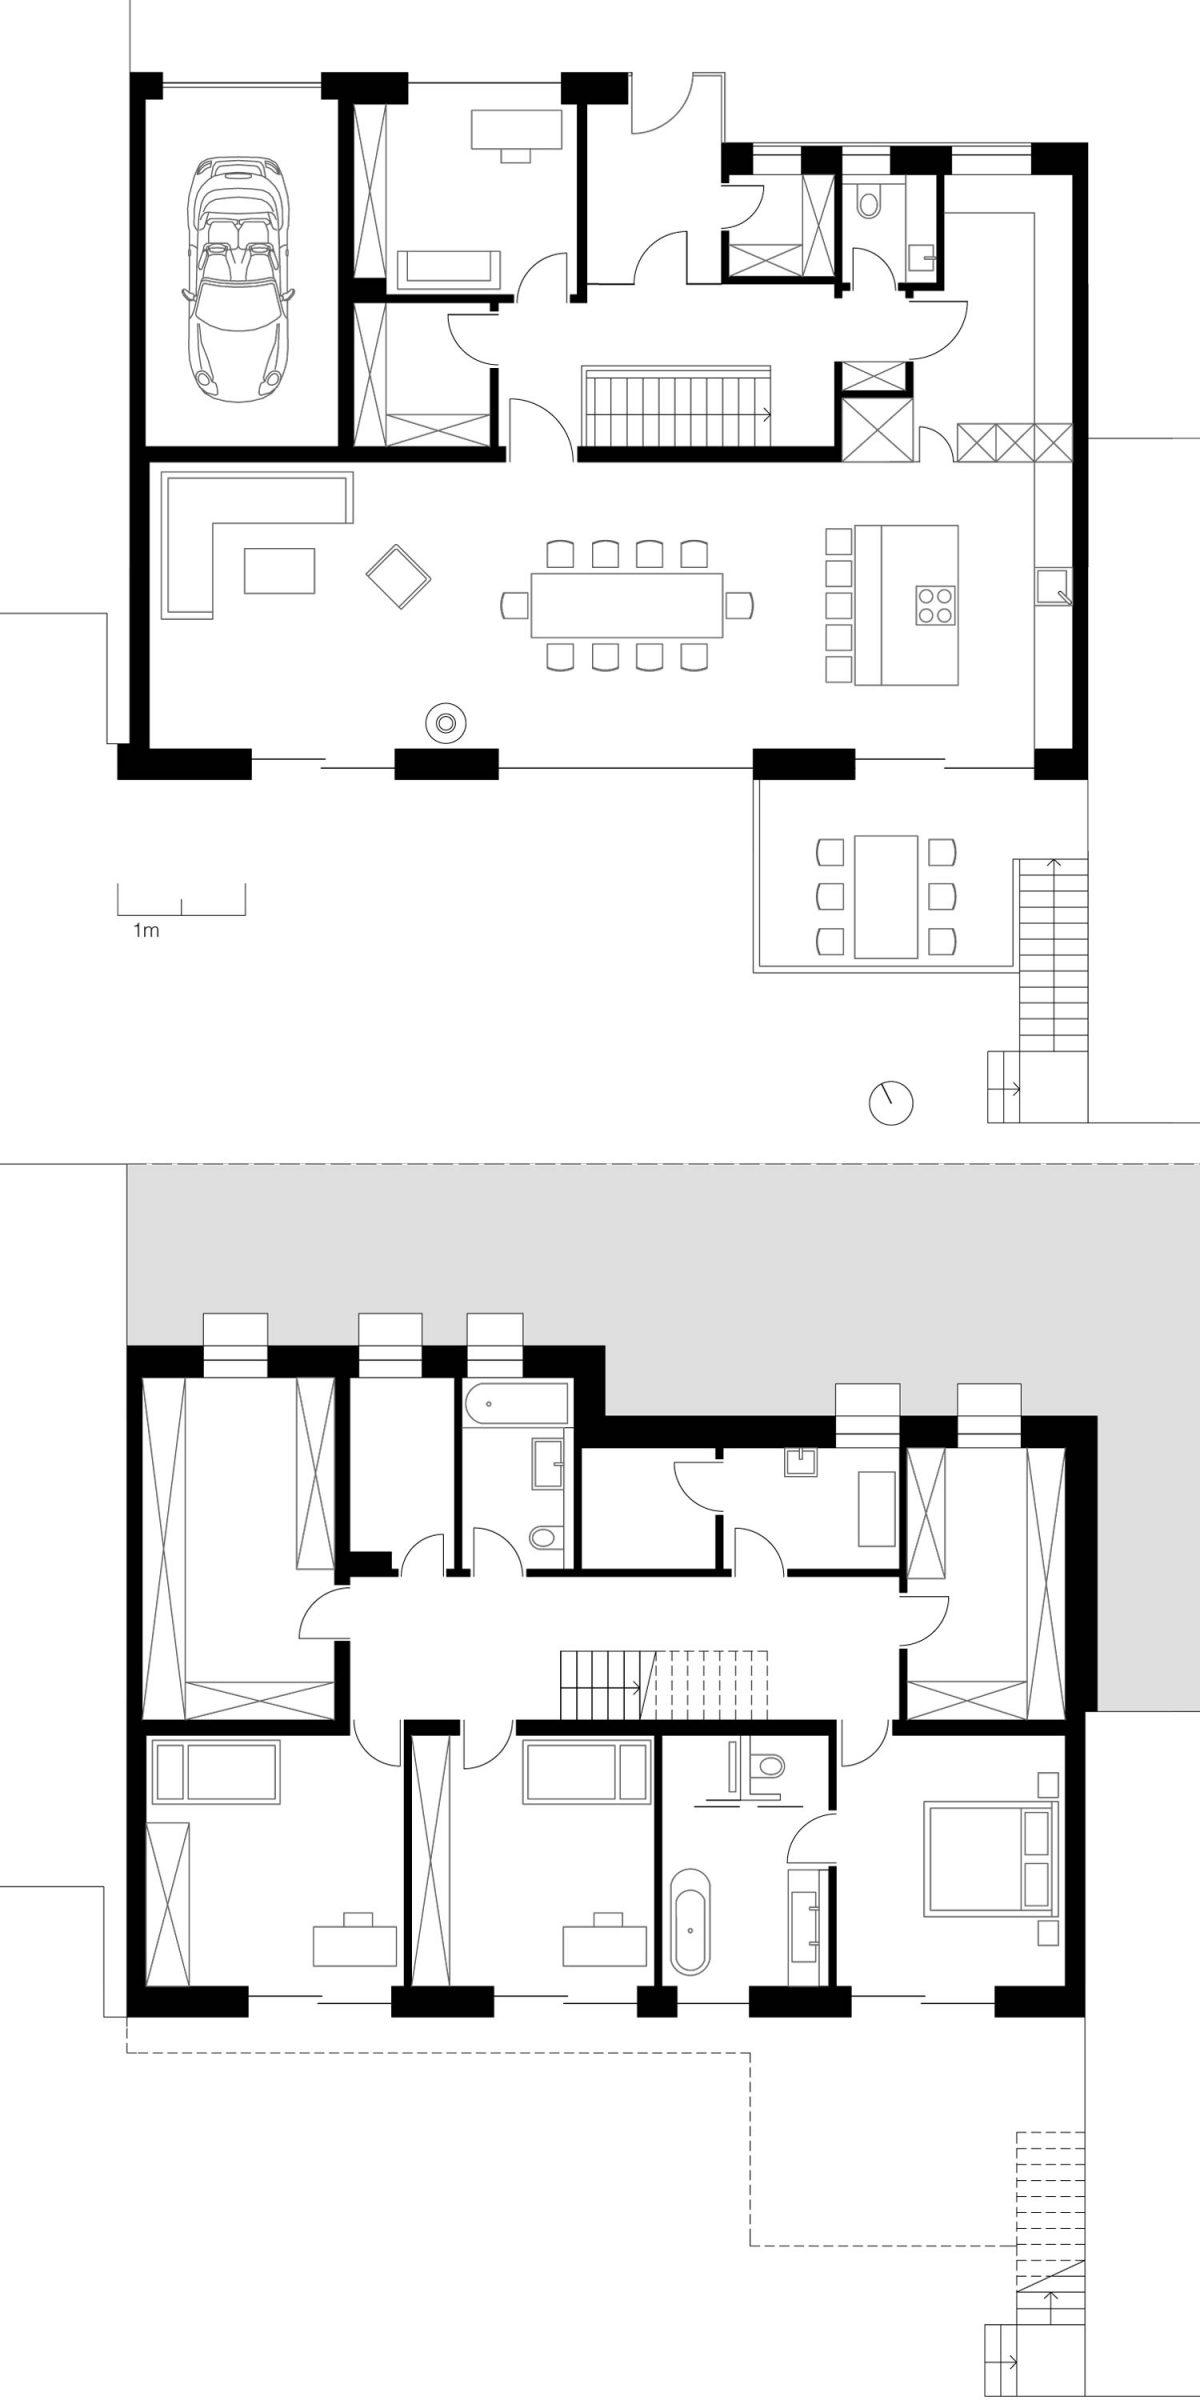 Der Grundriss des Erd- und Obergeschosses des Einfamilienhauses